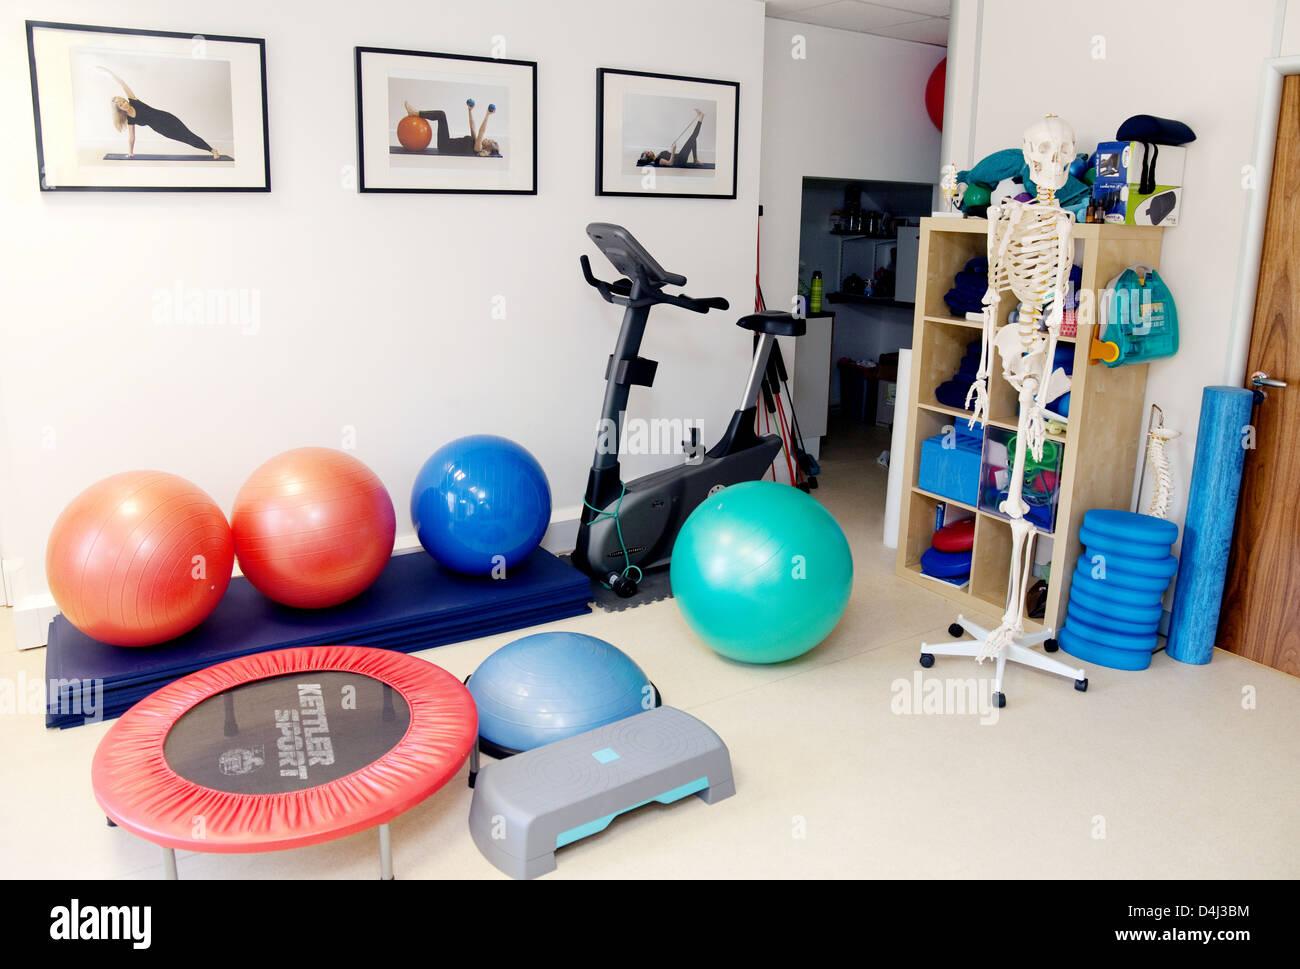 Equipos para hacer ejercicio en un gimnasio vacío utilizado también para Pilates y fisioterapia, UK Imagen De Stock